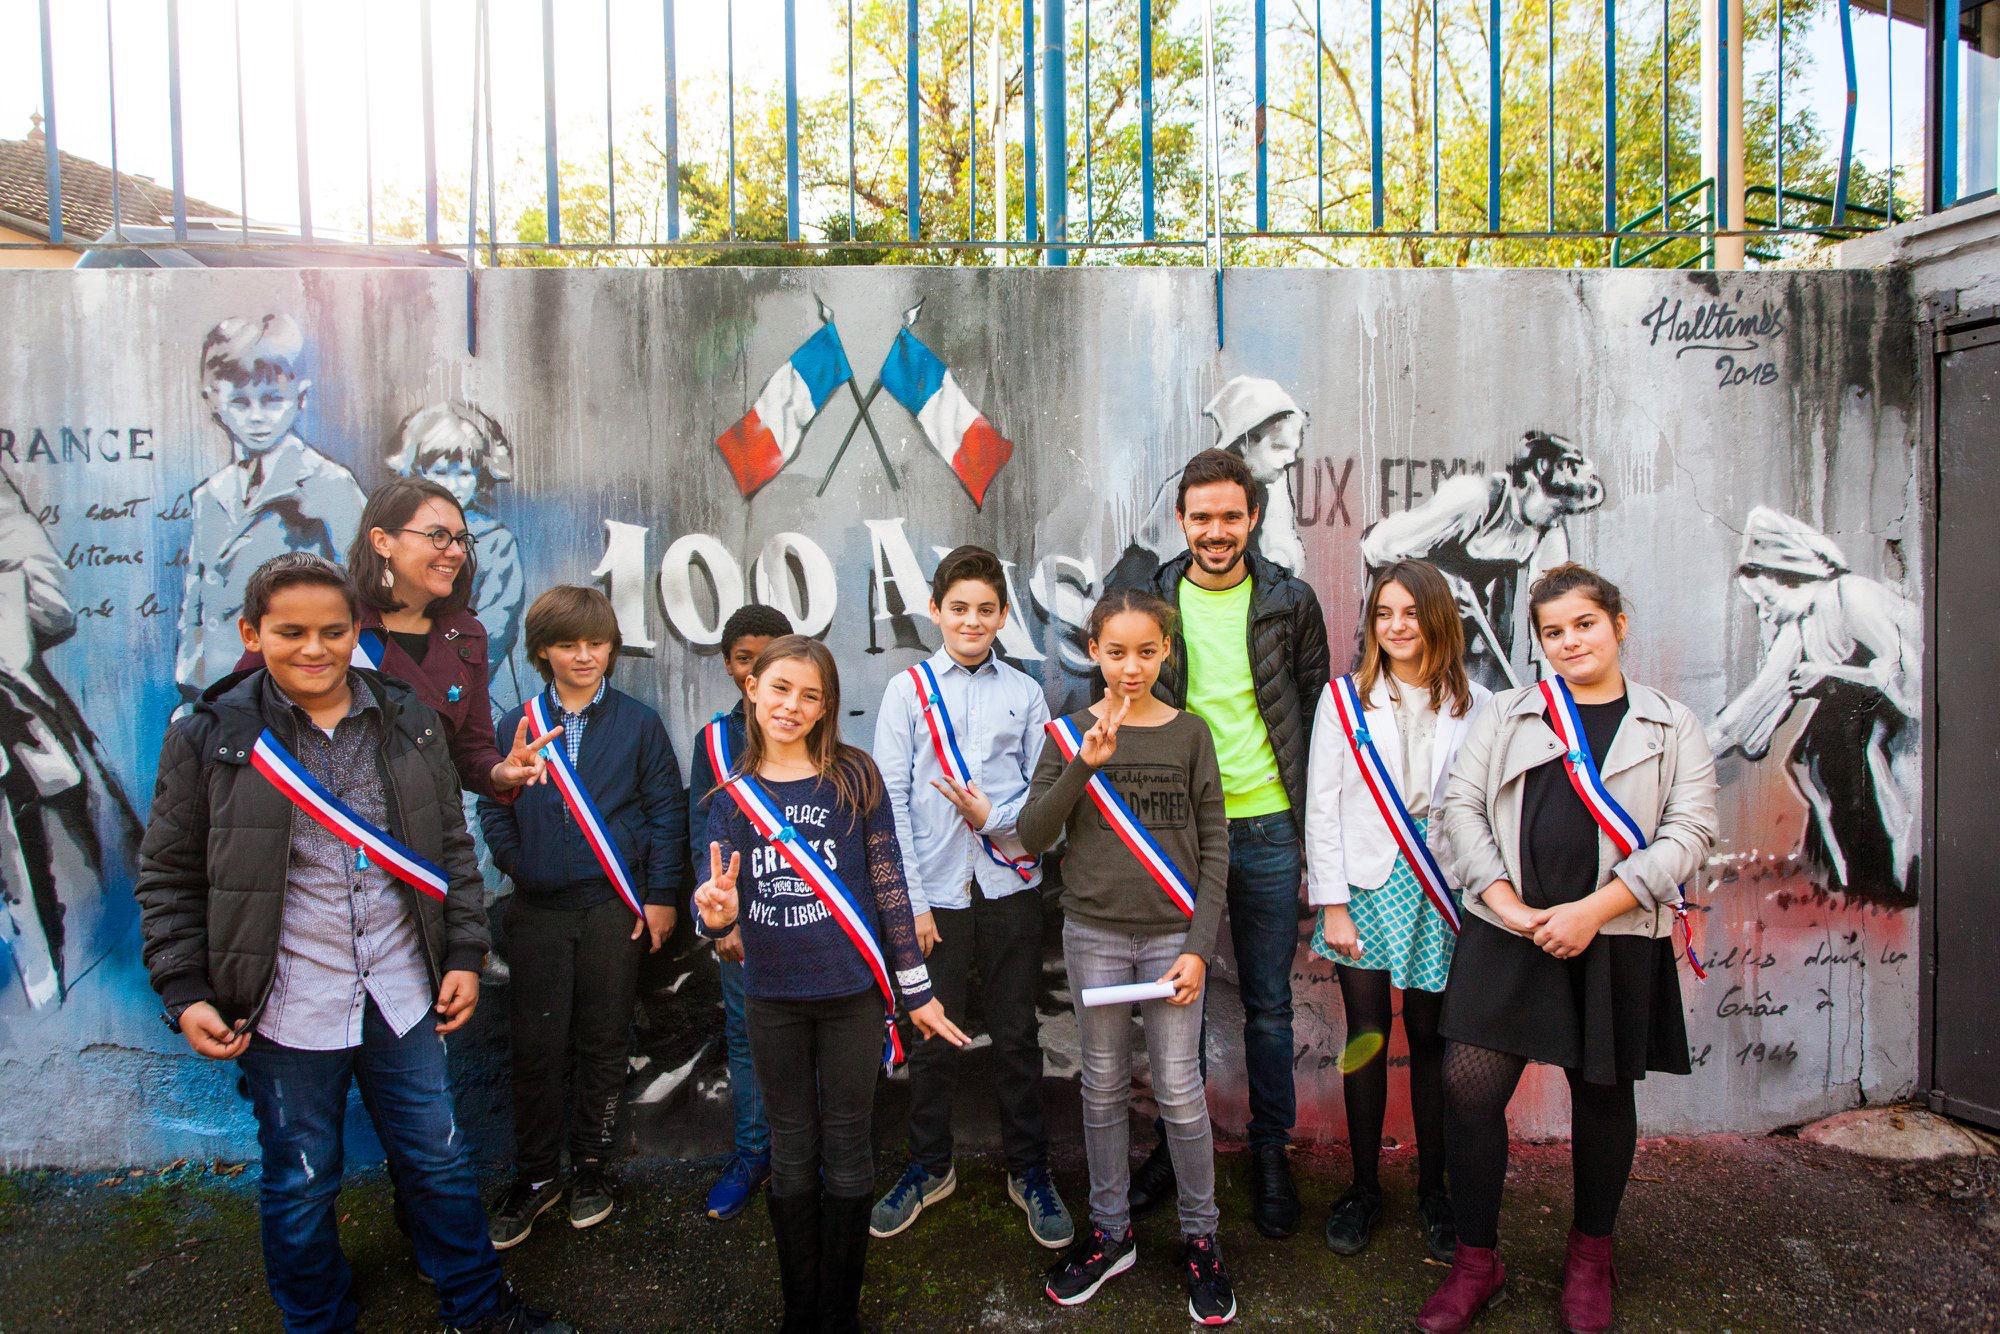 CMJ-verdun-sur-garonne-fresque-graffiti-streetart